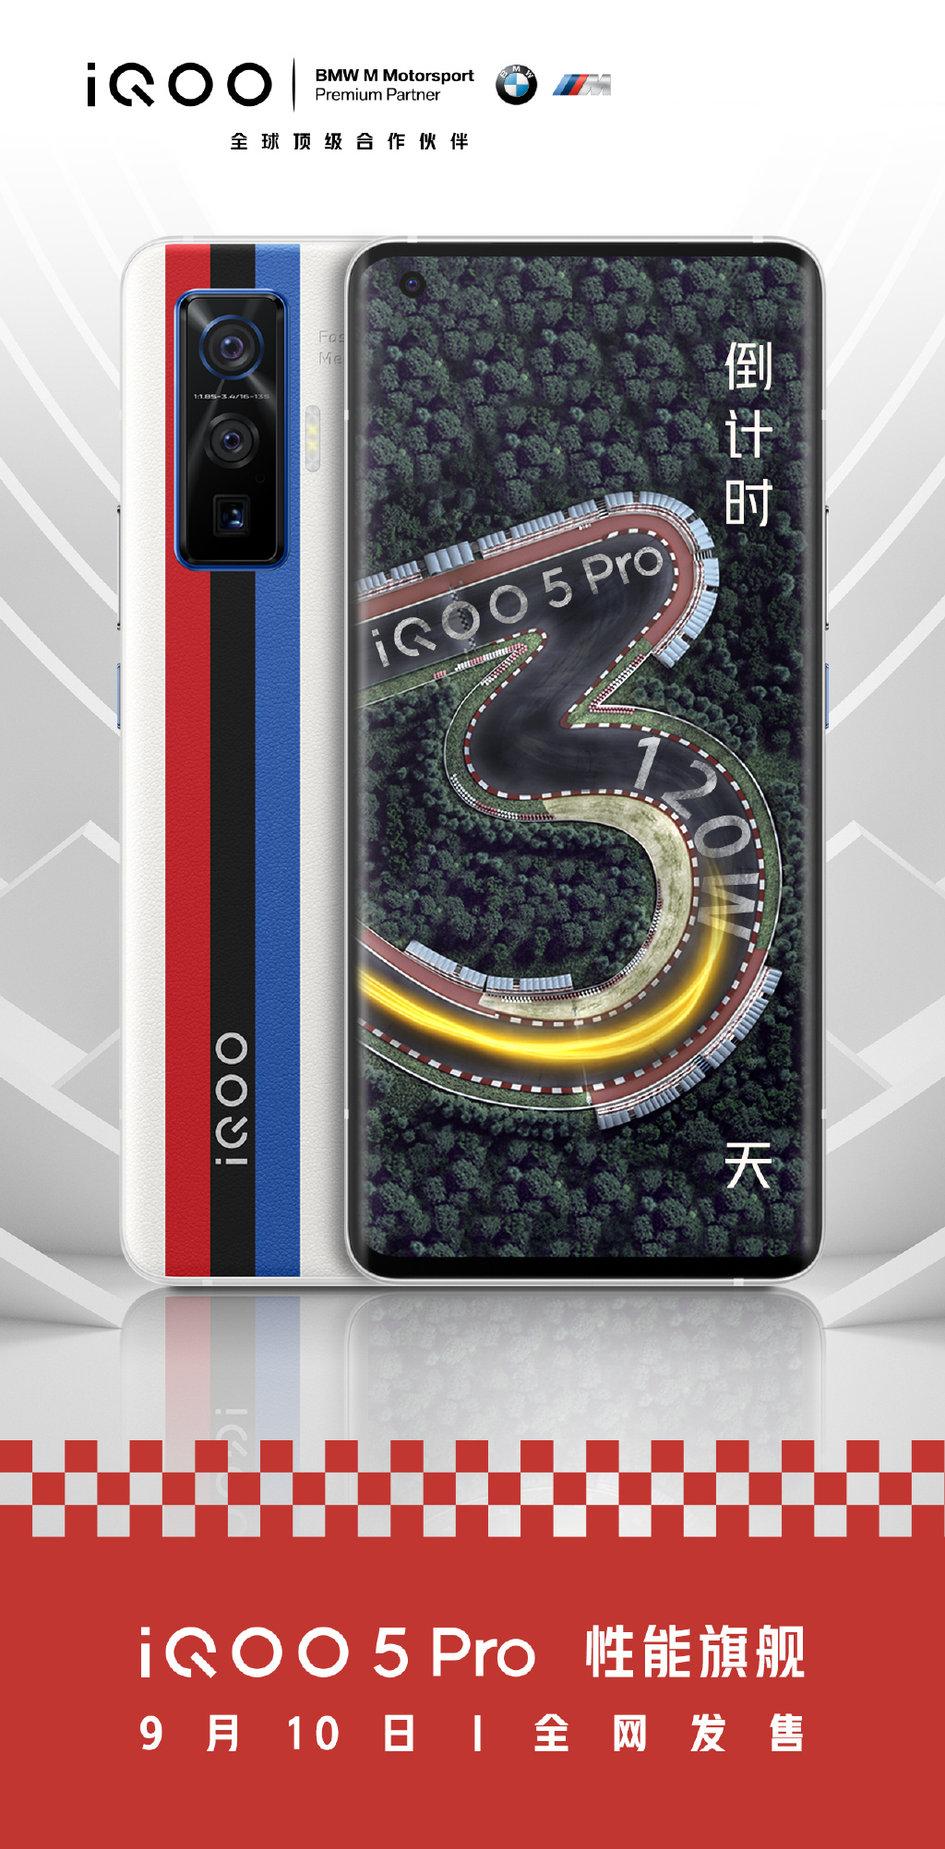 iQOO5Pro开售倒计时,官博发布宣传海报